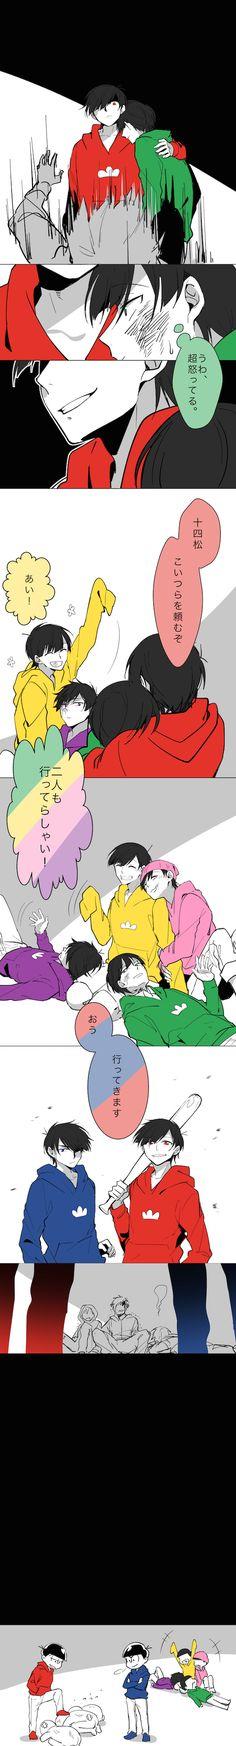 「喧嘩松」/「花✿」の漫画 [pixiv] 超う| 怒わ、つ て る。| 十四 松こつらを頼む|   あ| い!|  行二| つ人| ても らしやい!|  おう| 行つてきます|  Translate: Ultra intends| Rice with red beans, one by Ru.| Ask fourteen pine Kotsura| (I really don't know what the fuck is that suppose to mean) Ah| There!| In line| One person| Even Rashi Yai!| King| Gyotsu will come|